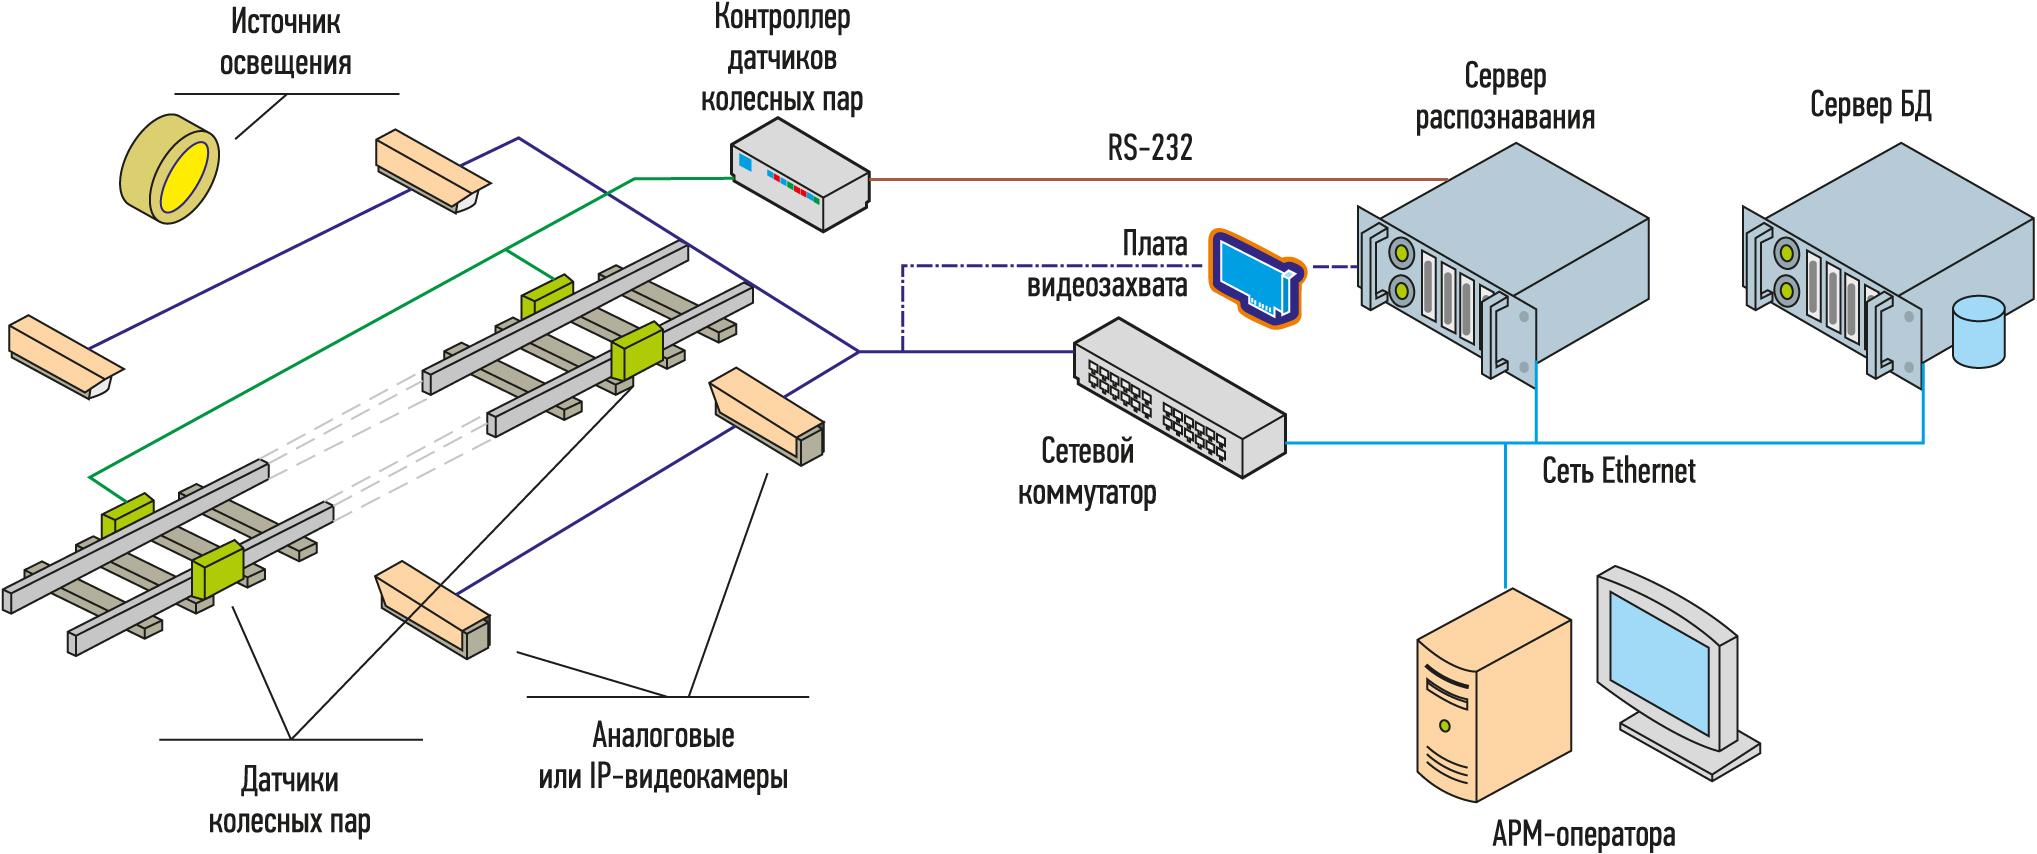 ARSCIS аппаратно-программный комплекс оптоэлектронной идентификации объектов подвижного состава железнодорожного транспорта